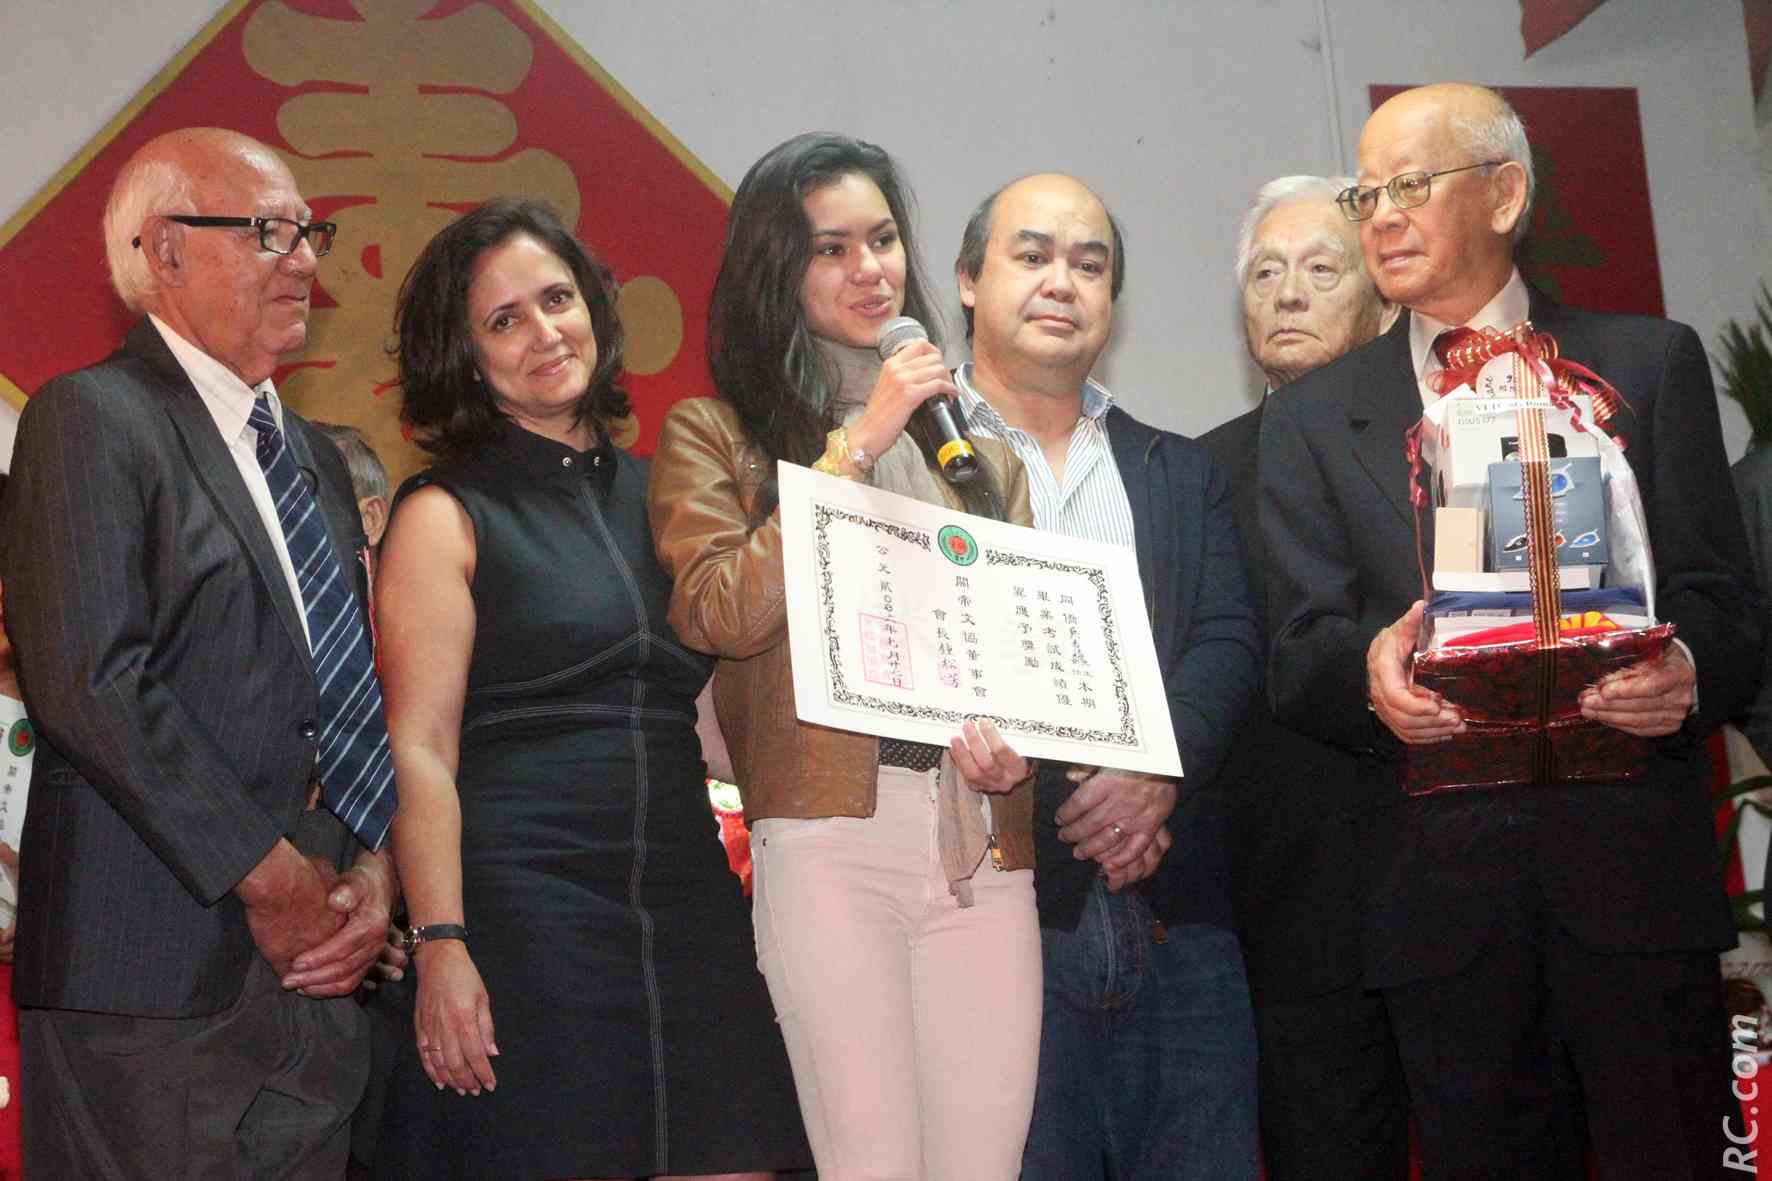 La jeune Romane Vi-Tong entourée de ses parents, de son grand-père Georges Vi-Tong, de Gérard Ah-Chine et Roland Ah-Hot, respectivement ancien et nouveau président de l'association Guandi